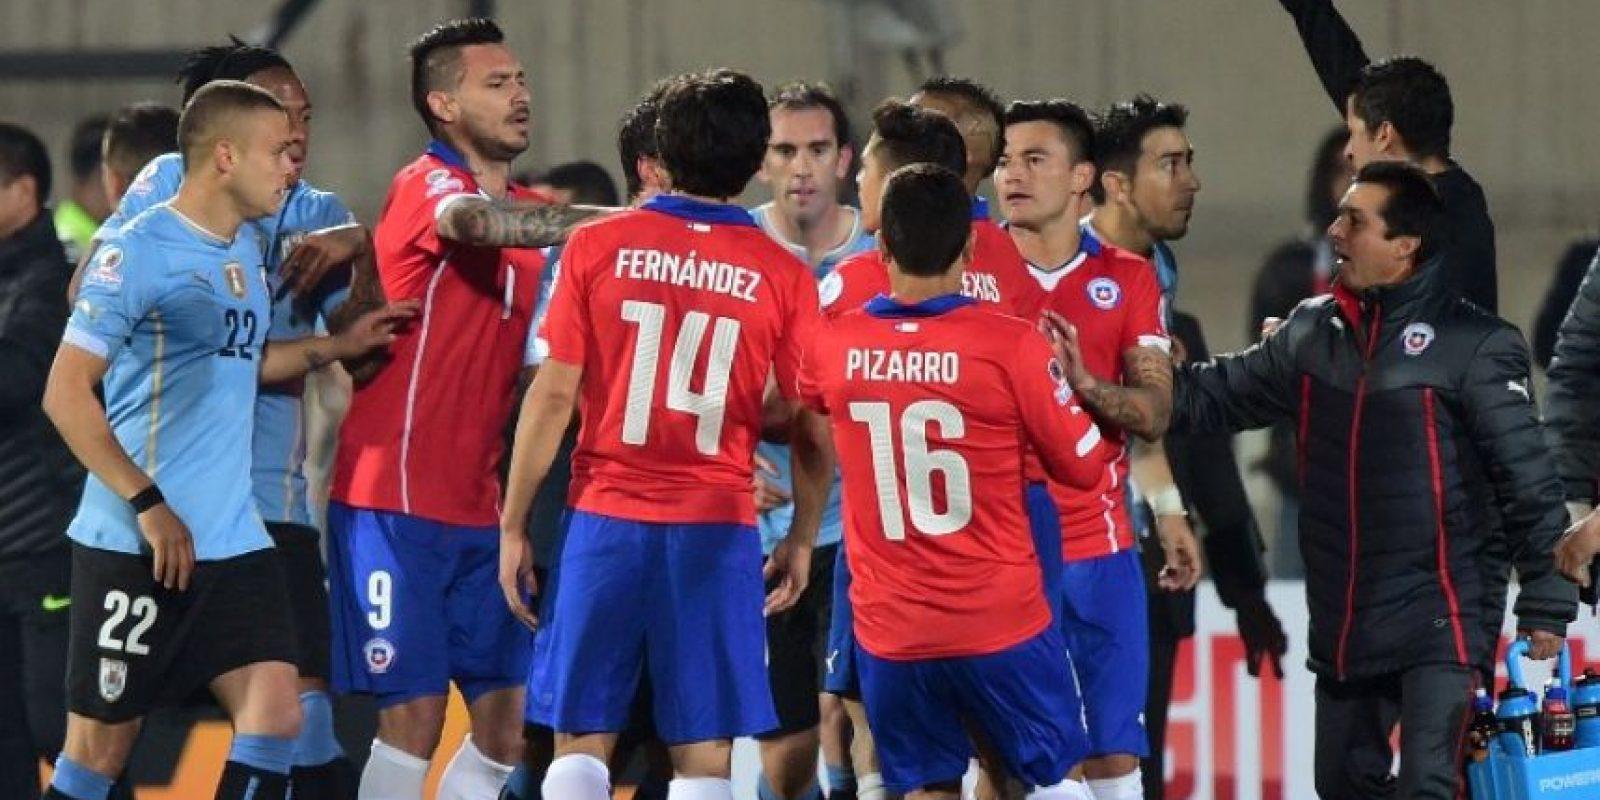 """Los chilenos vencieron a los charrúas 1-0 en un polémico partido marcado por el """"dedazo"""" de Gonzalo Jara a Edinson Cavani Foto:AFP"""